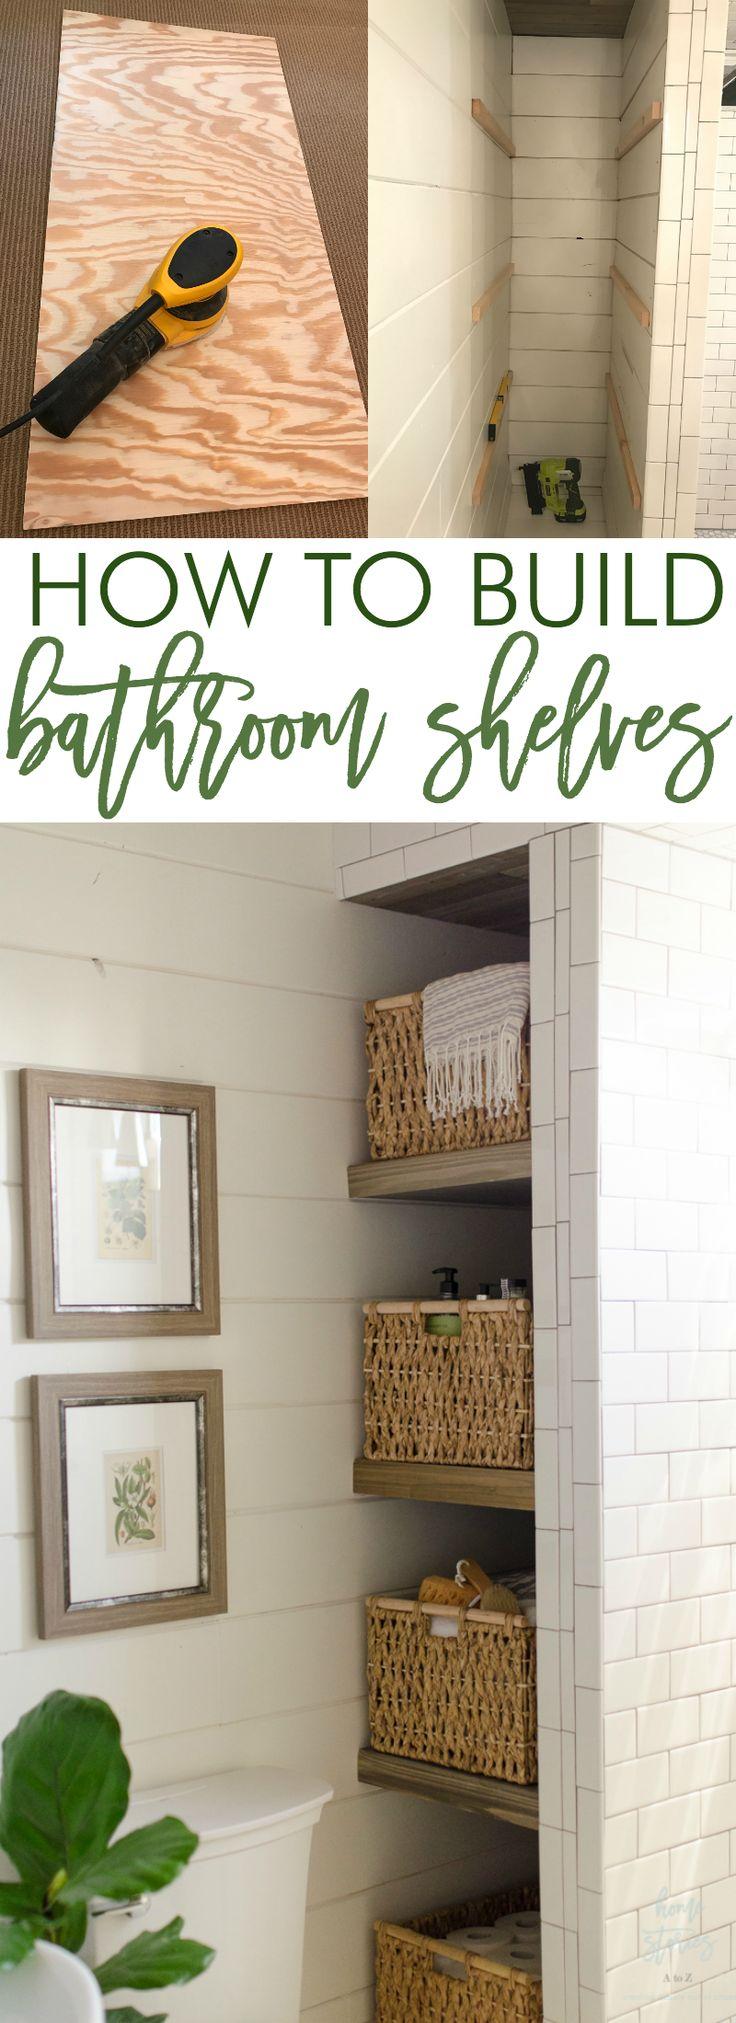 How to Build Bathroom Shelves Next to Shower. 15 Must see Bathroom Shelves Pins   Bathroom shelf decor  Half